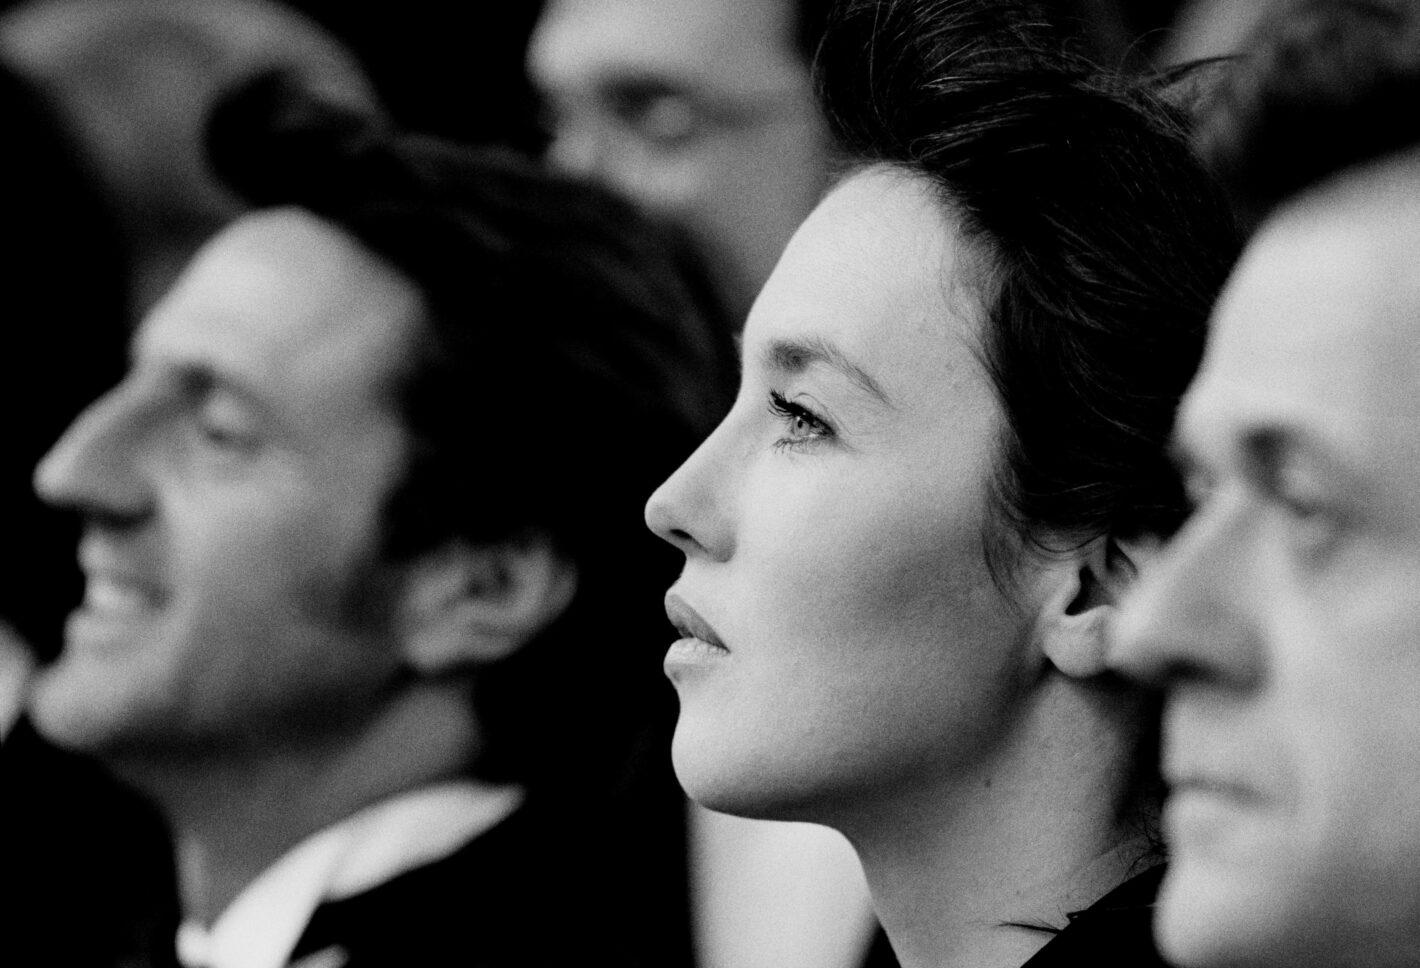 Stéphane Kossmann Isabelle Adjani Nikon Cannes